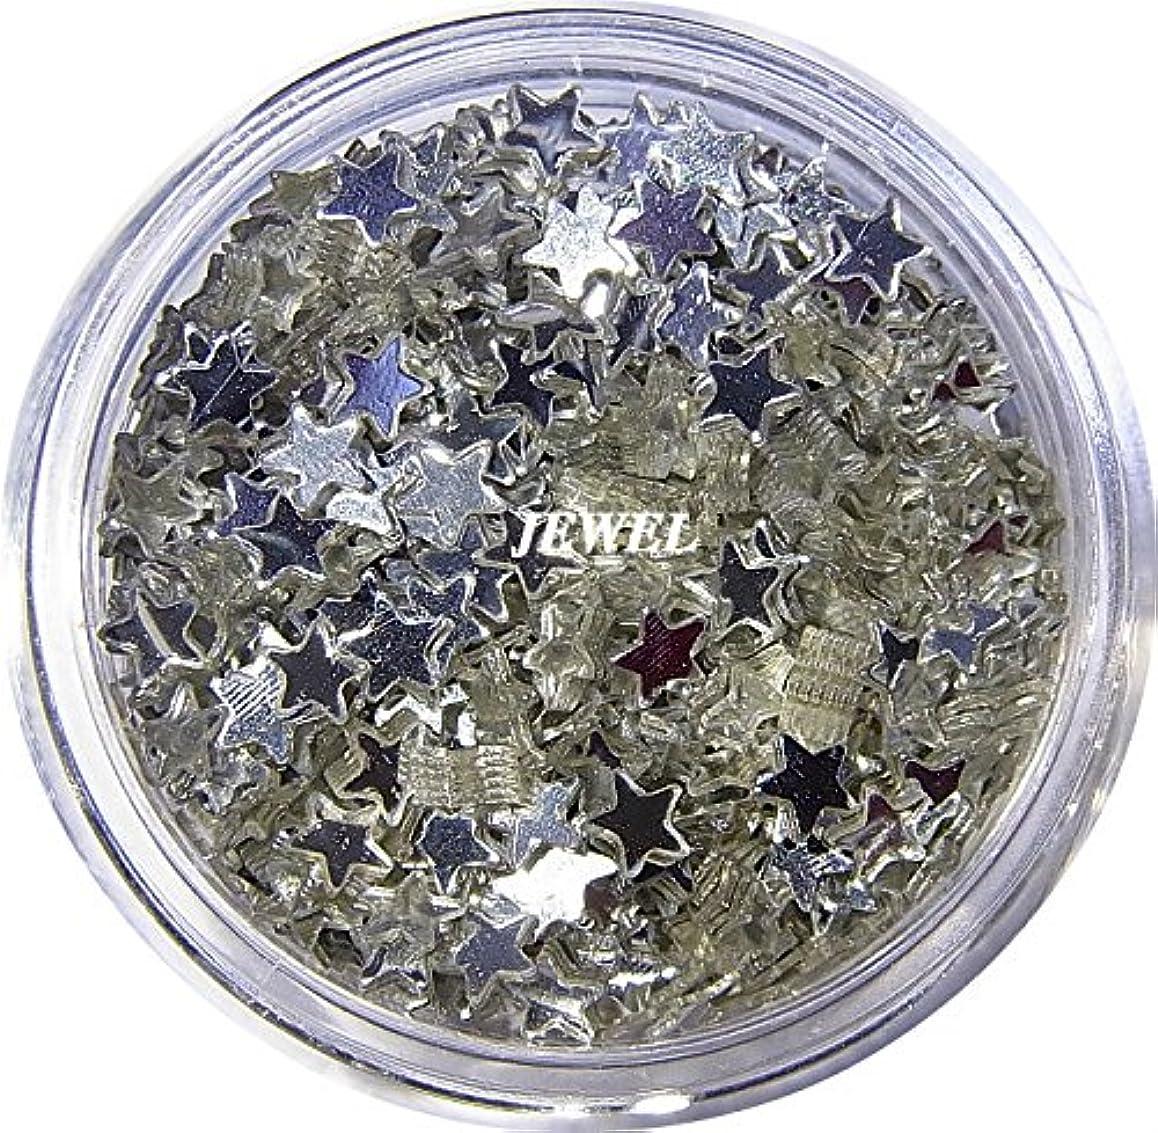 売るに対して教室【jewel】 星ホログラム 2.5mm シルバー スター 2g入り レジン&ネイル用